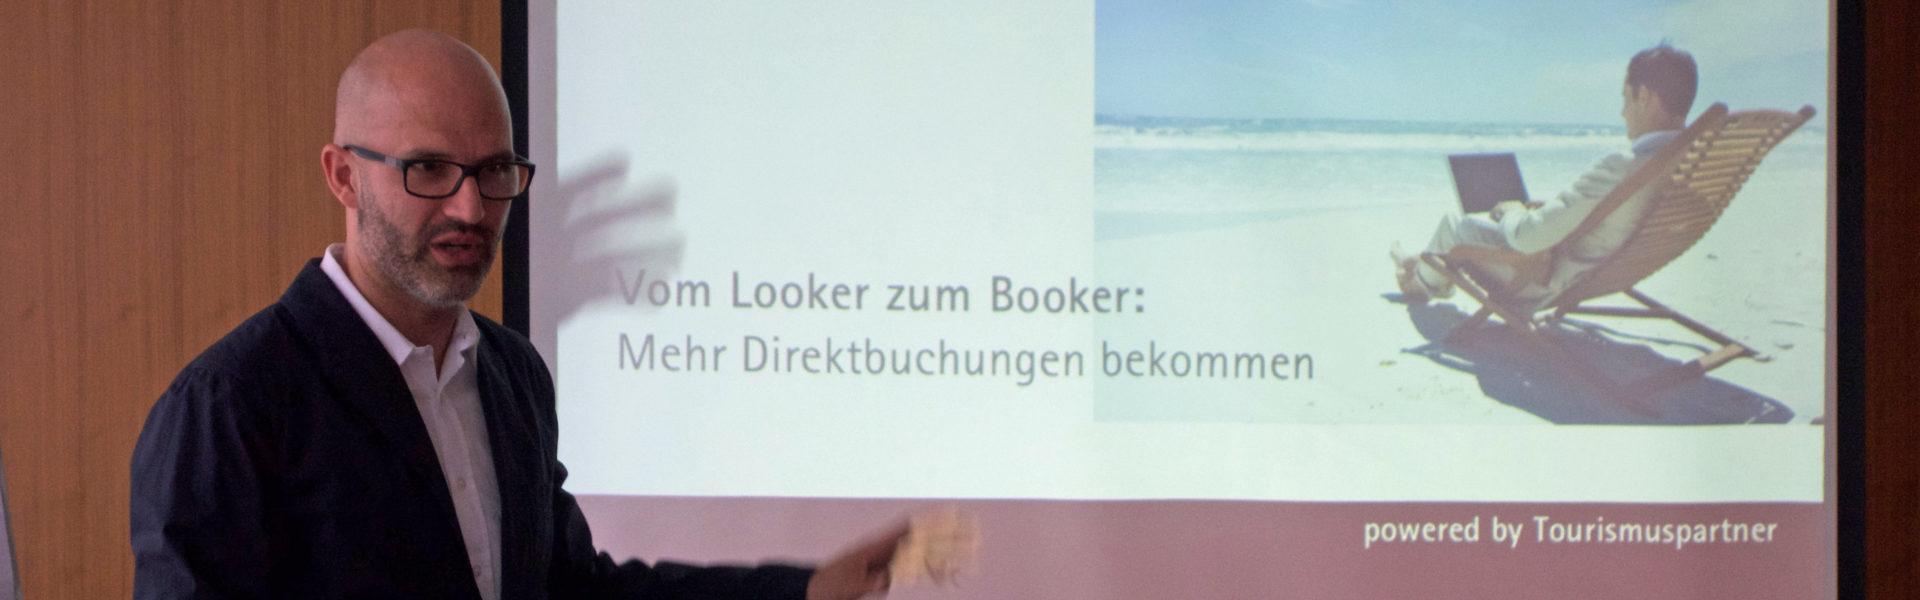 Fachworkshop im Rahmen von Gastgeben auf Vorarlberger Art (c) Vorarlberg Tourismus